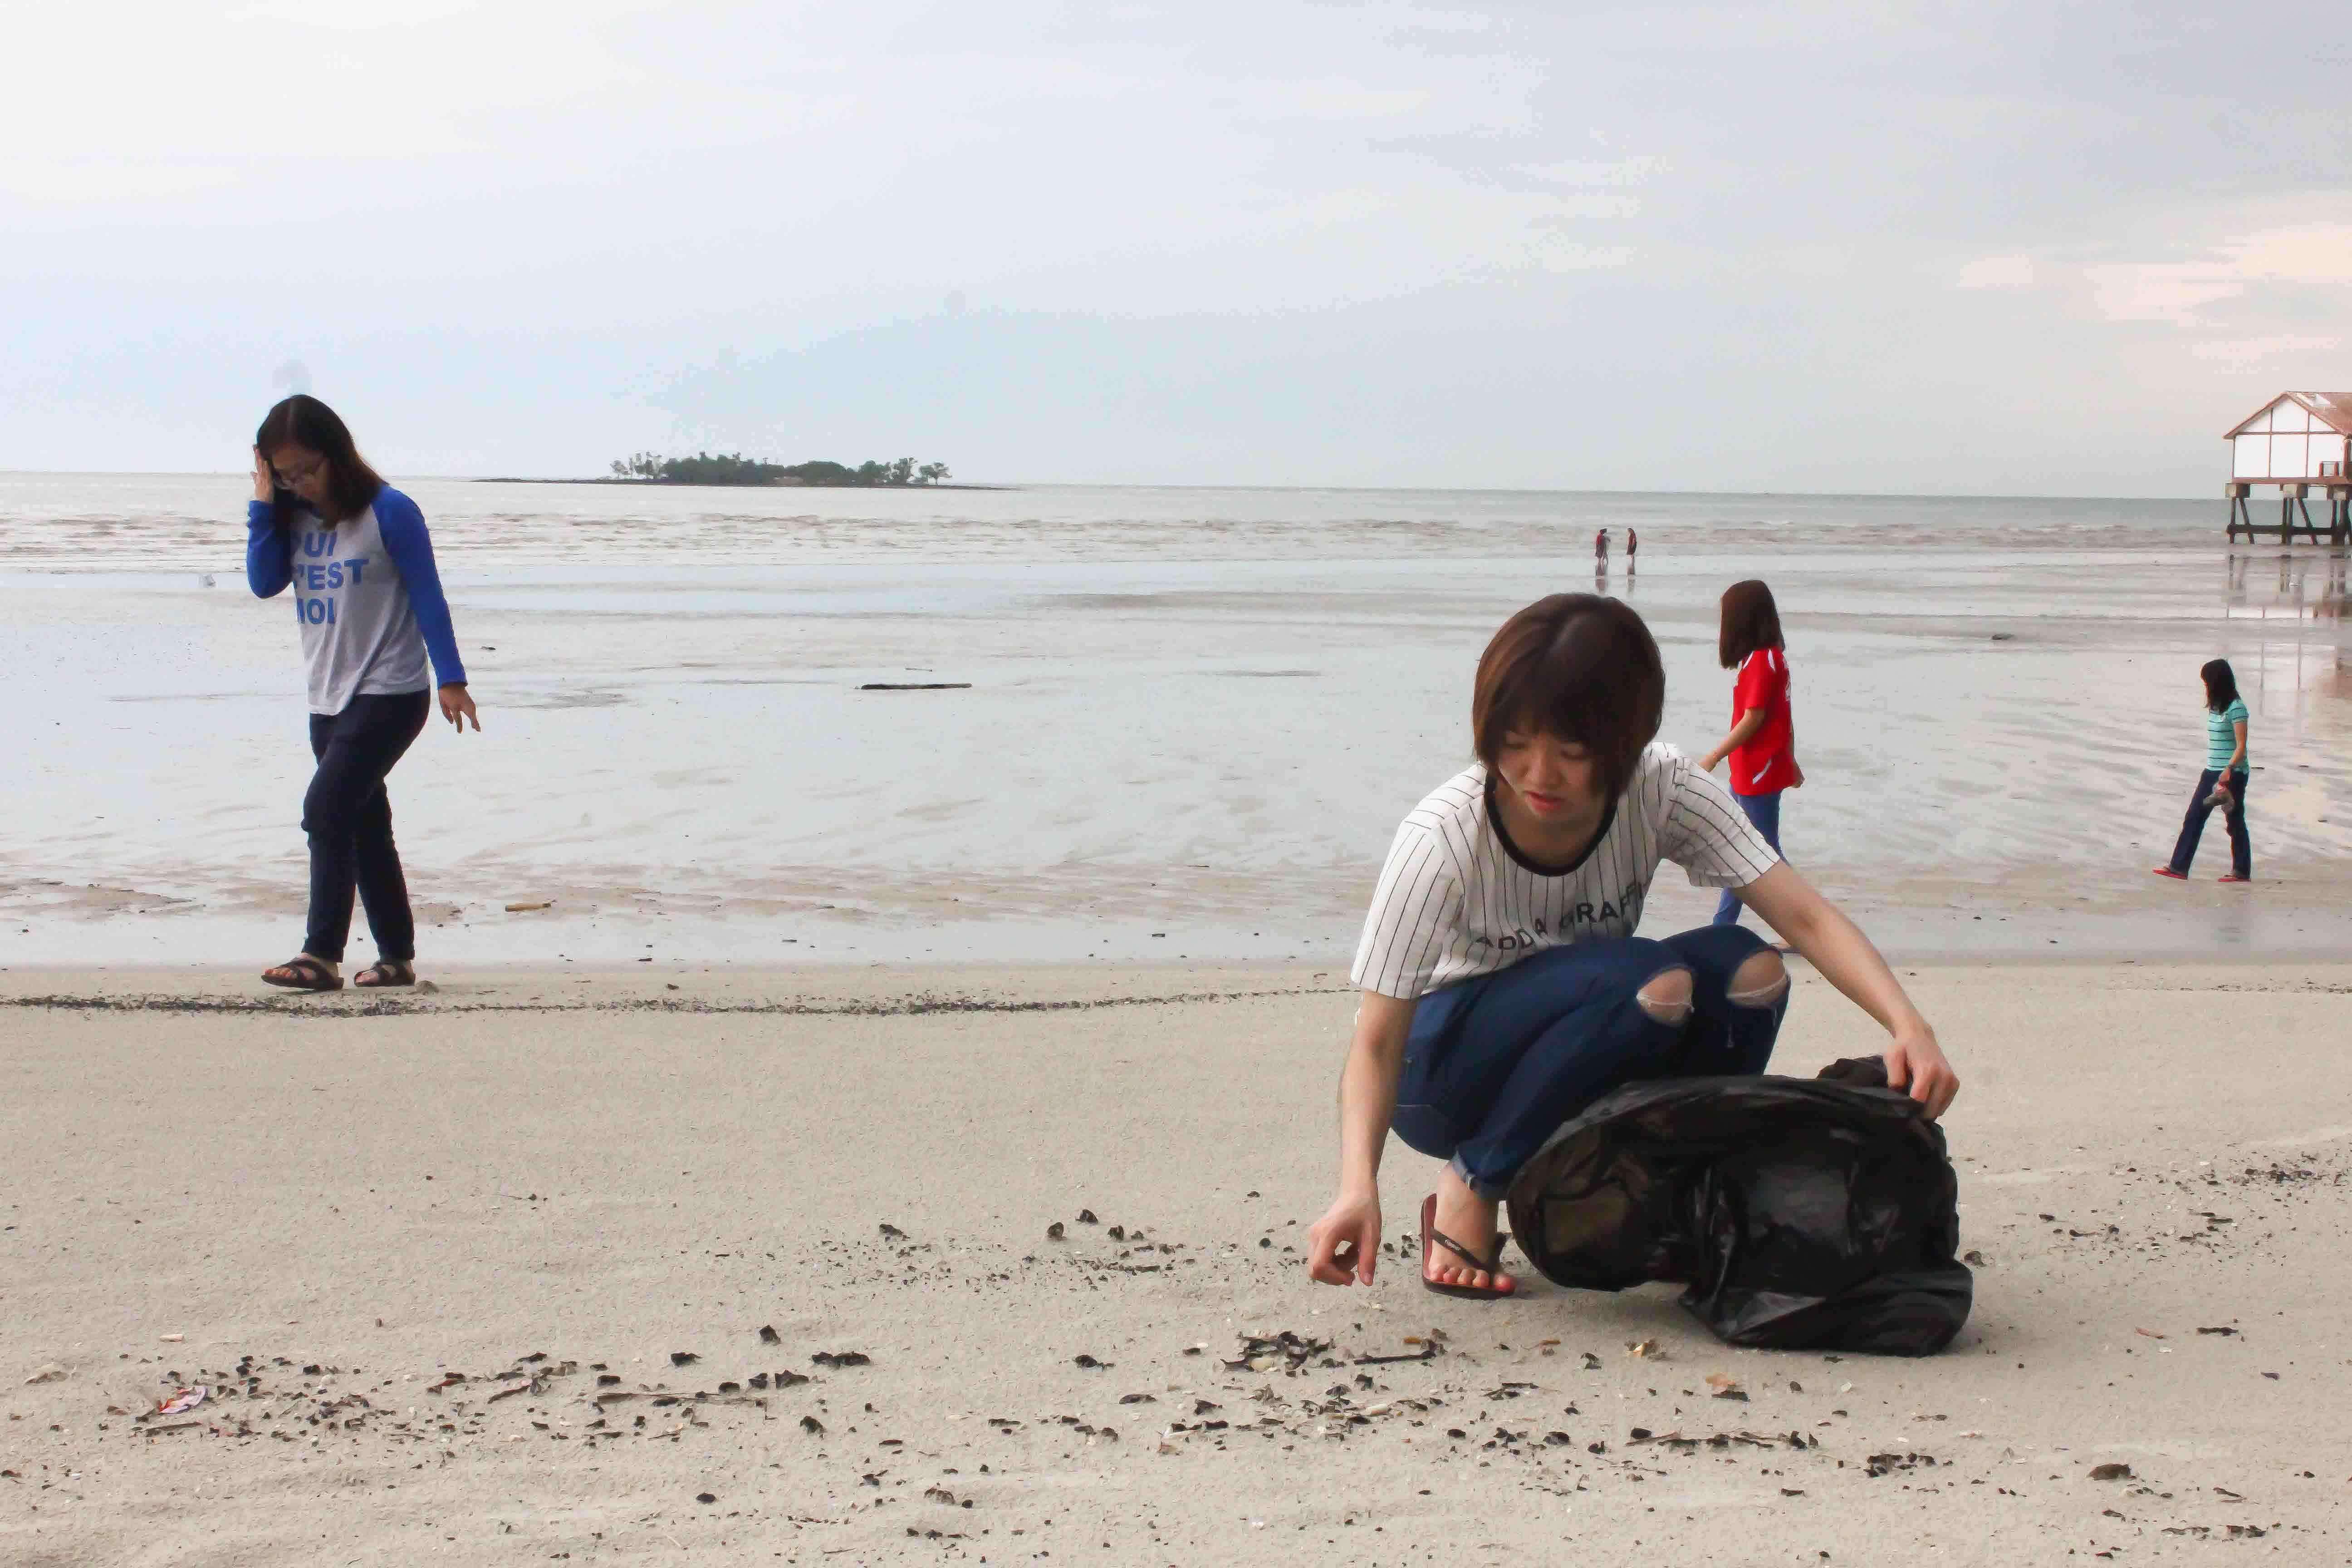 摄理会员实践郑明析牧师教导在清理沙滩上